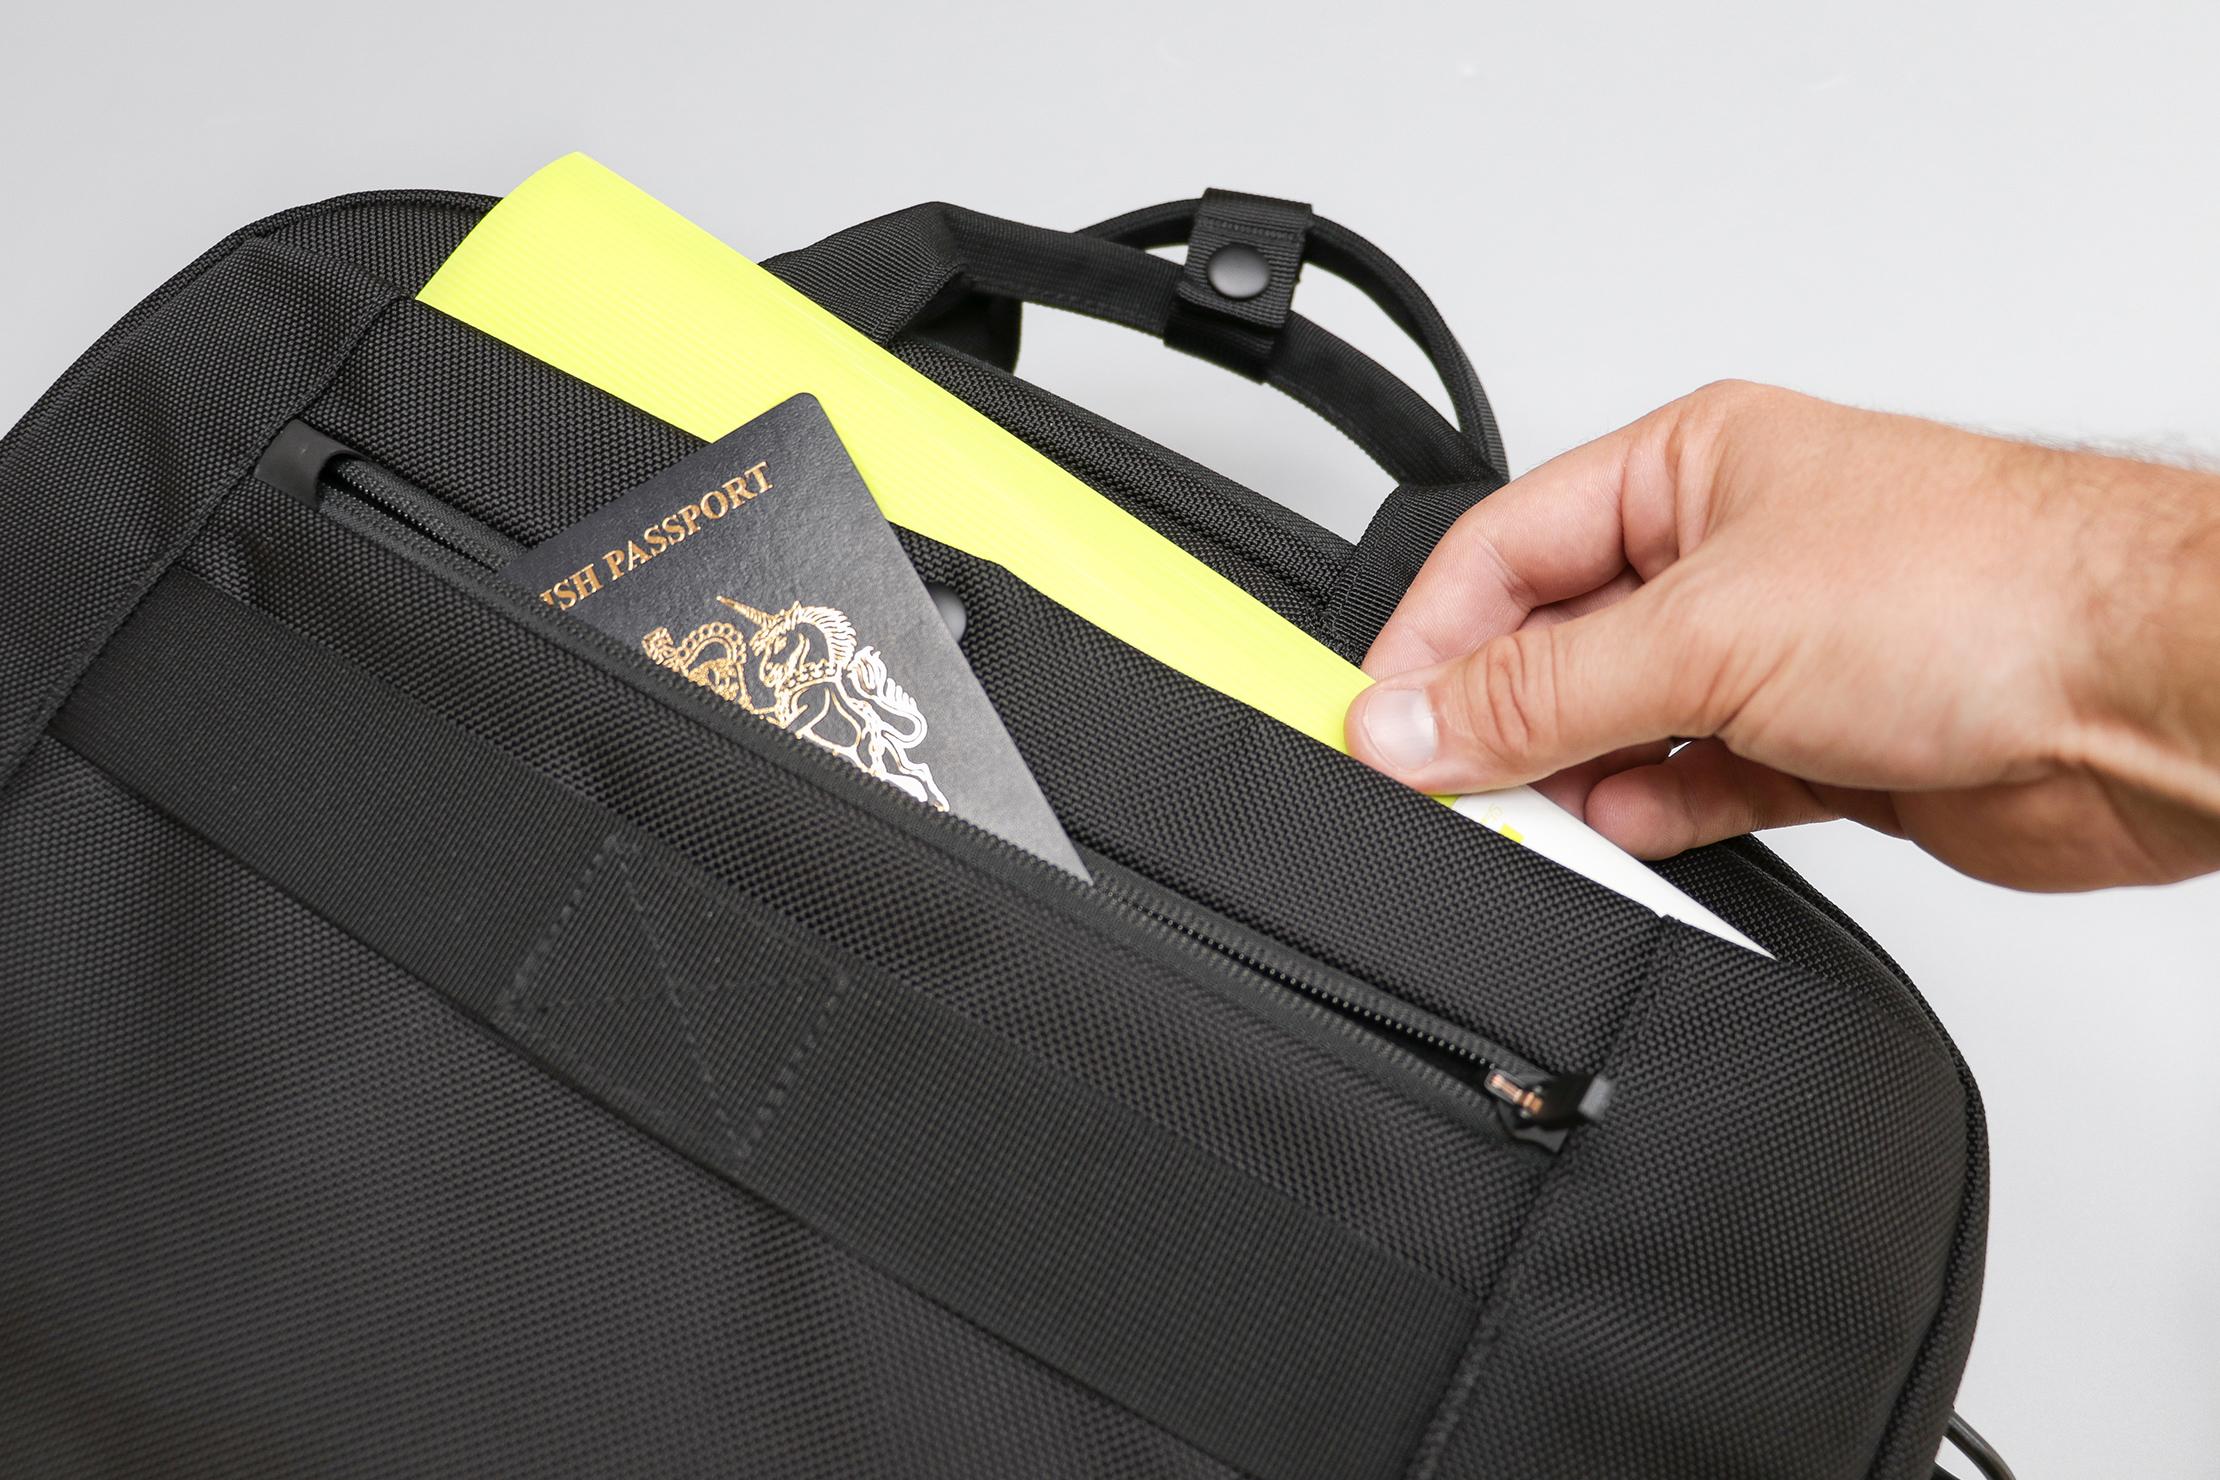 Aer Commuter Brief 2 Back Pockets